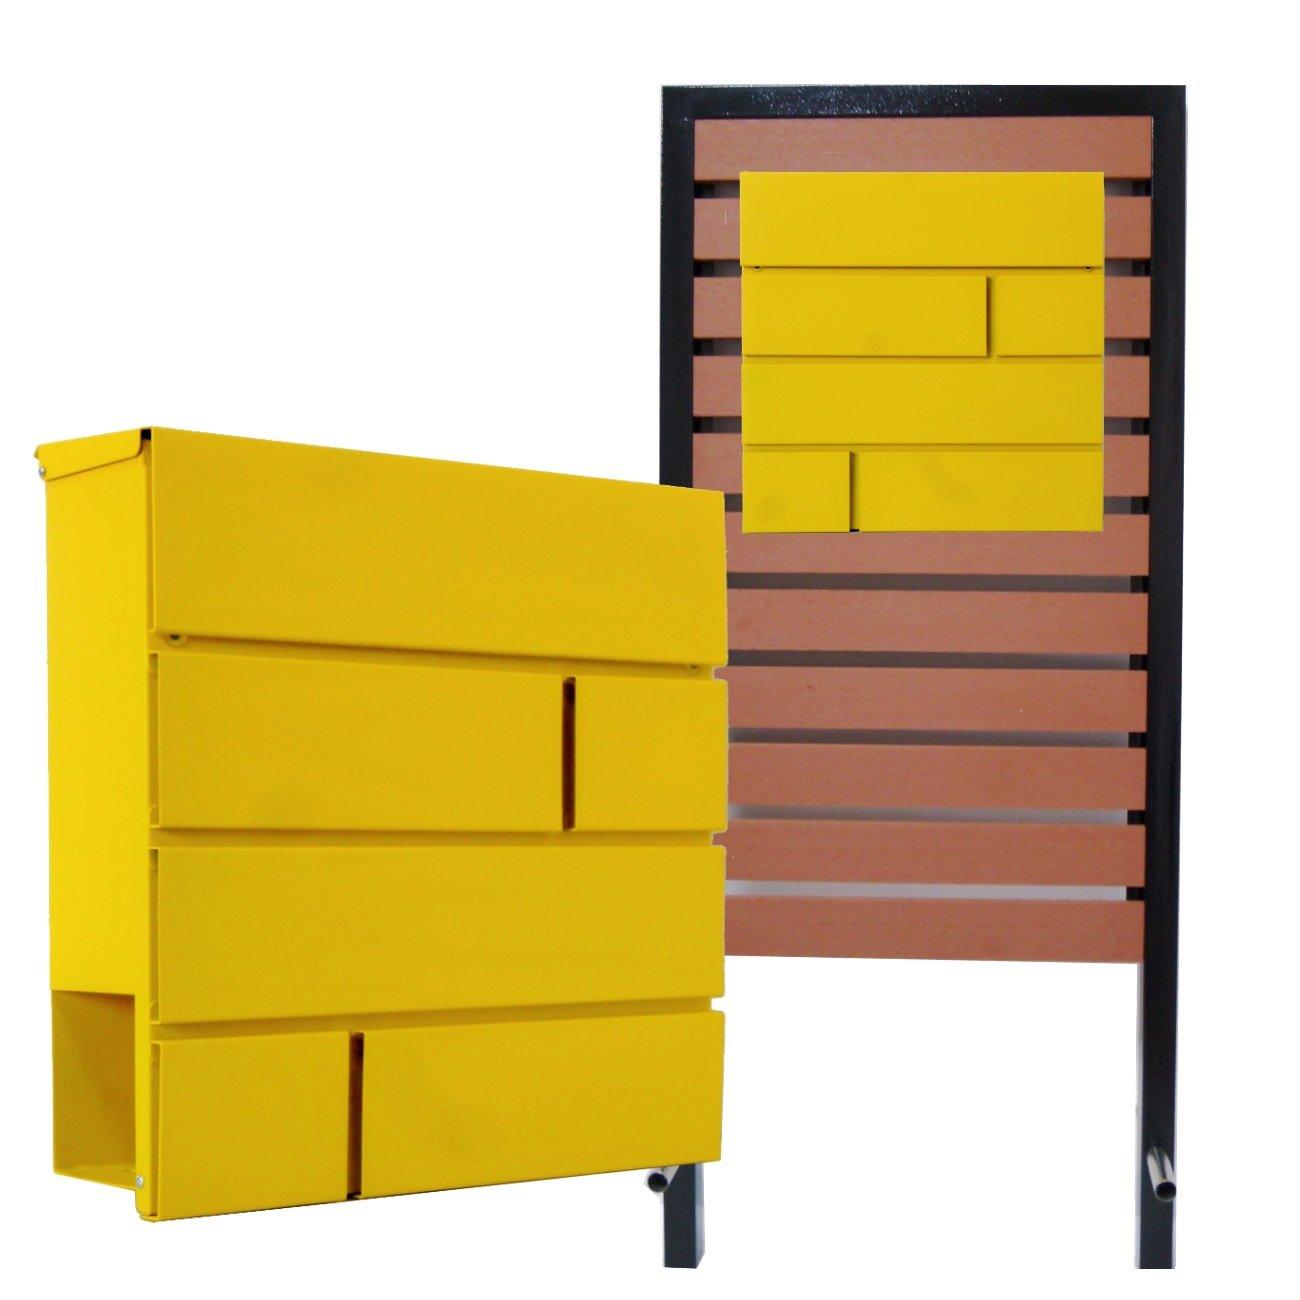 郵便ポスト スタンド付 壁掛け鍵付きマグネット付きイエロー黄色ポスト pm18s-pm234 B076HHGD9K 24880